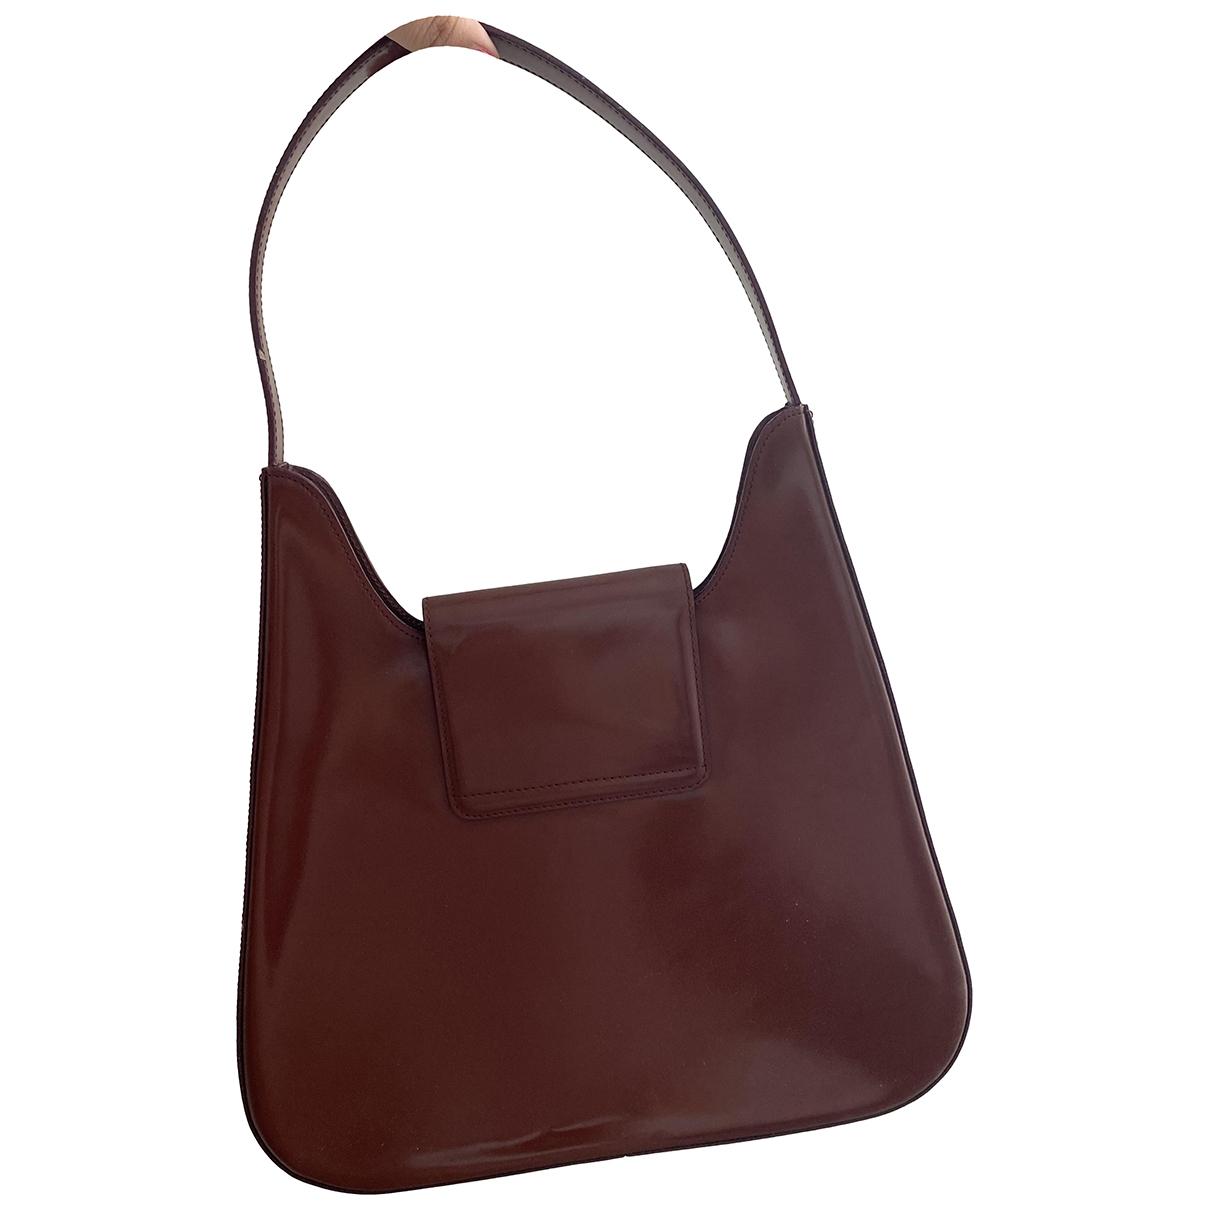 Lancel - Sac a main   pour femme en cuir verni - marron